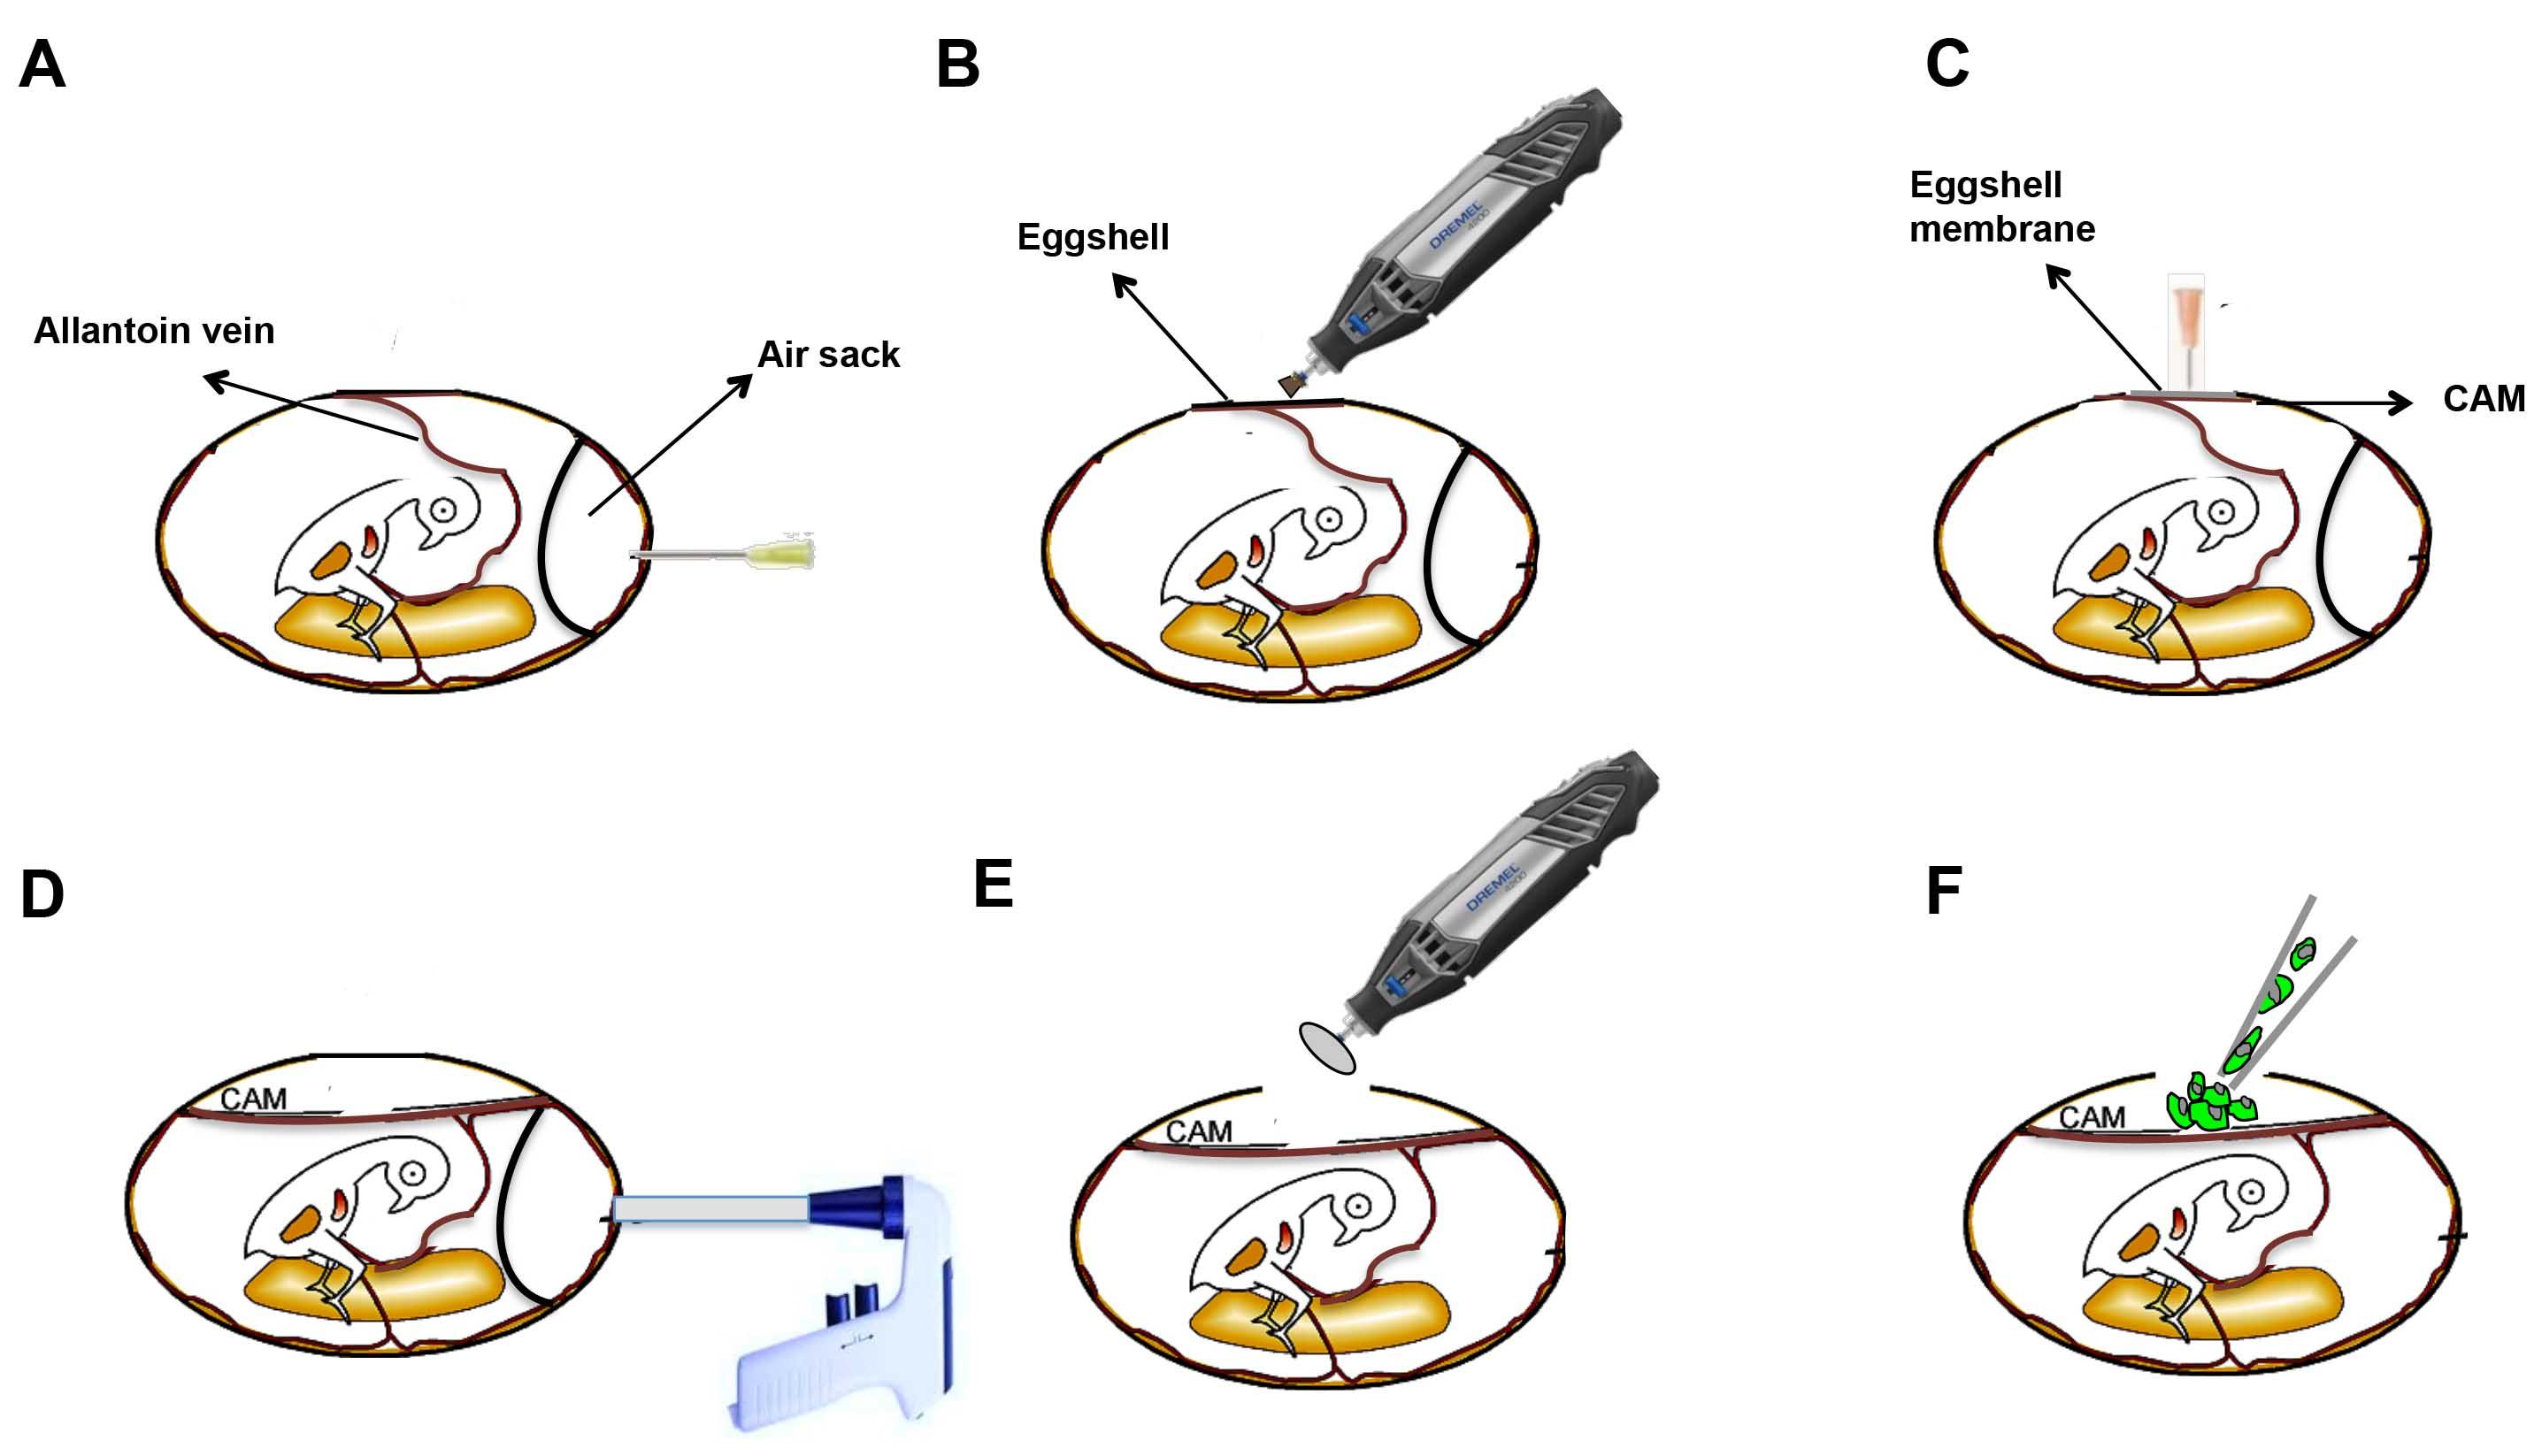 The Chick Embryo Chorioallantoic Membrane As An In Vivo